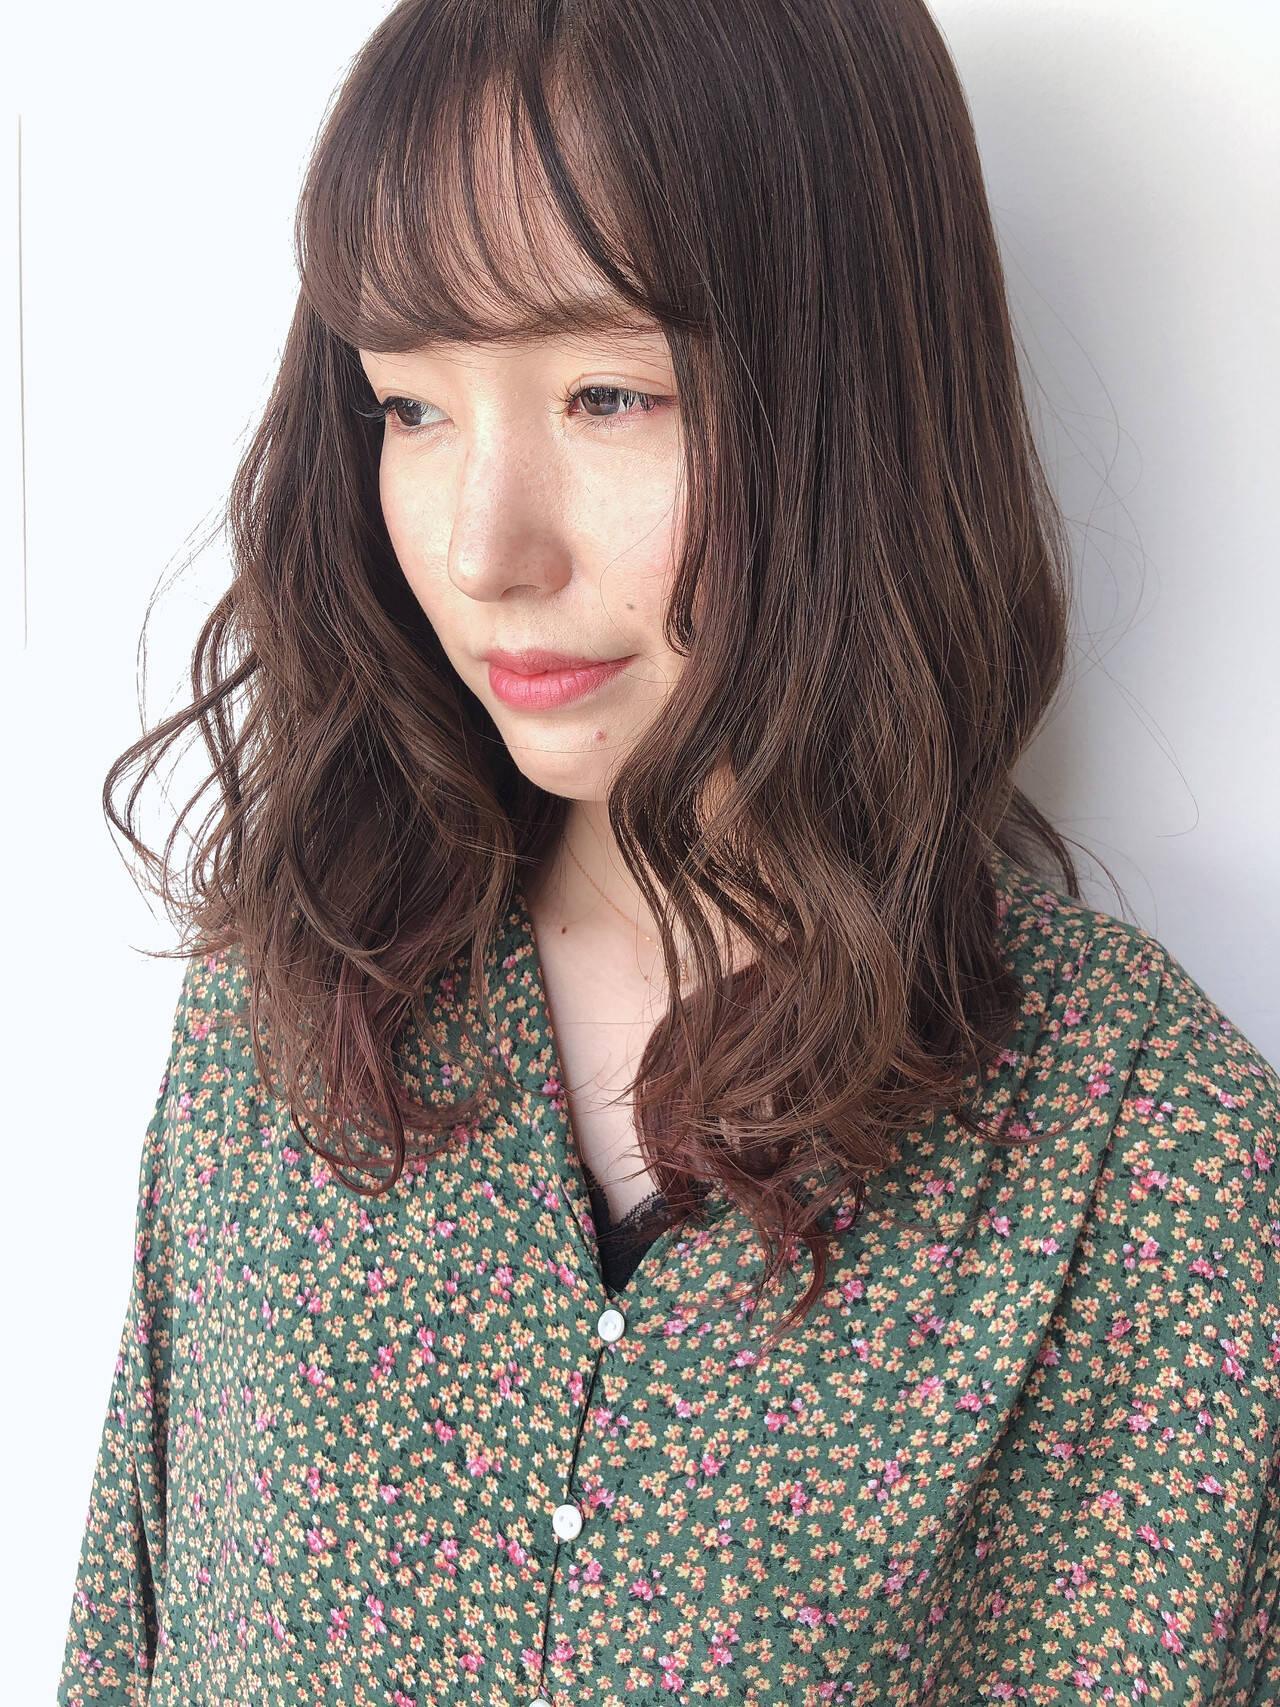 ミルクティーベージュ ヘアアレンジ セミロング パーマヘアスタイルや髪型の写真・画像